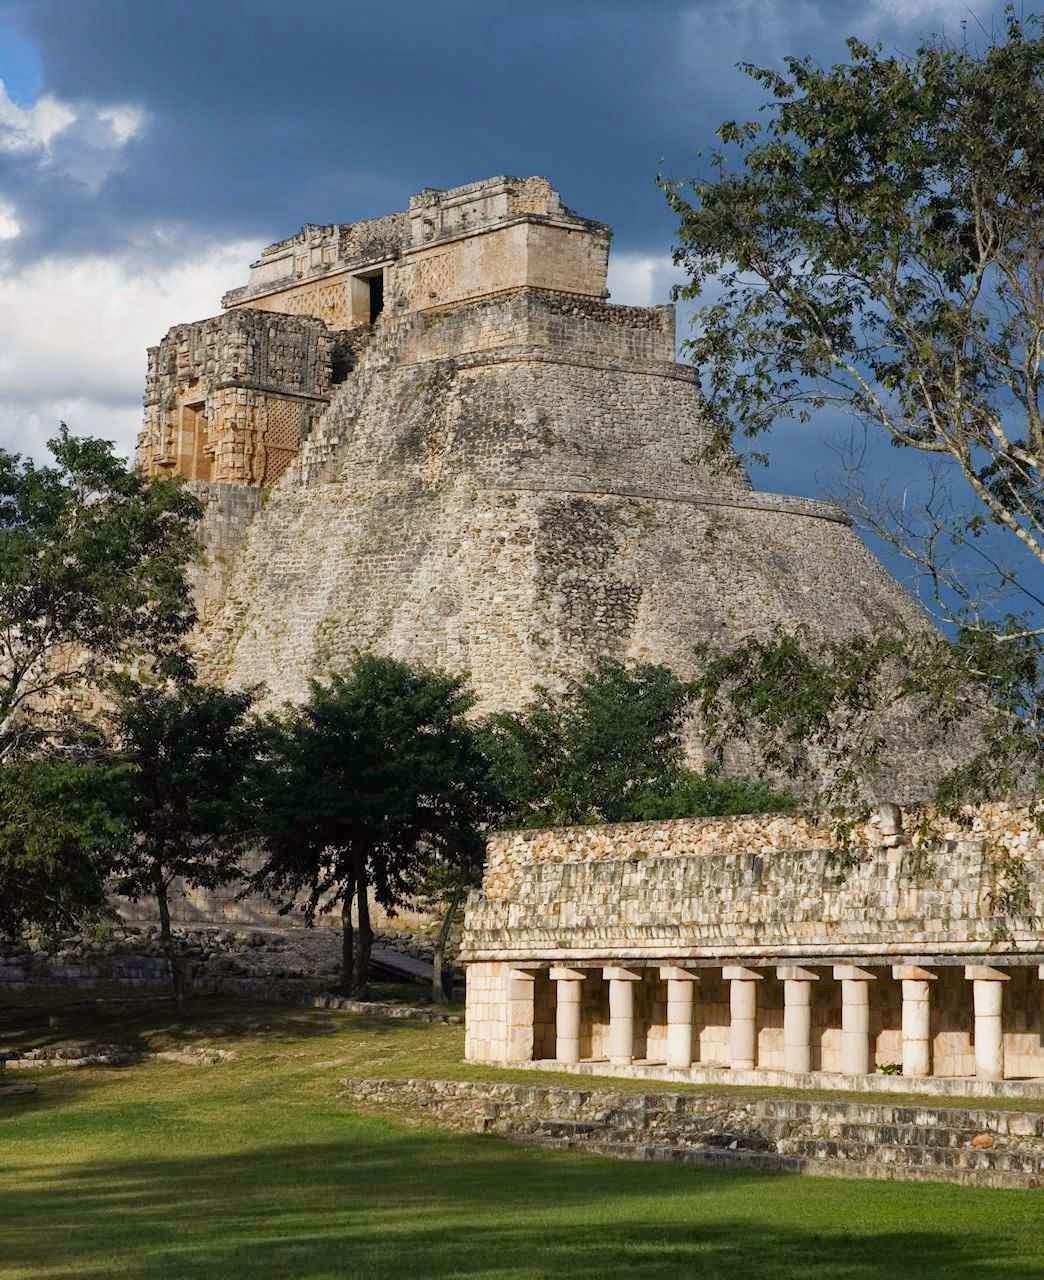 Uxmal, na península de Yucatán, no México, outra cidade grandiosa abandonada